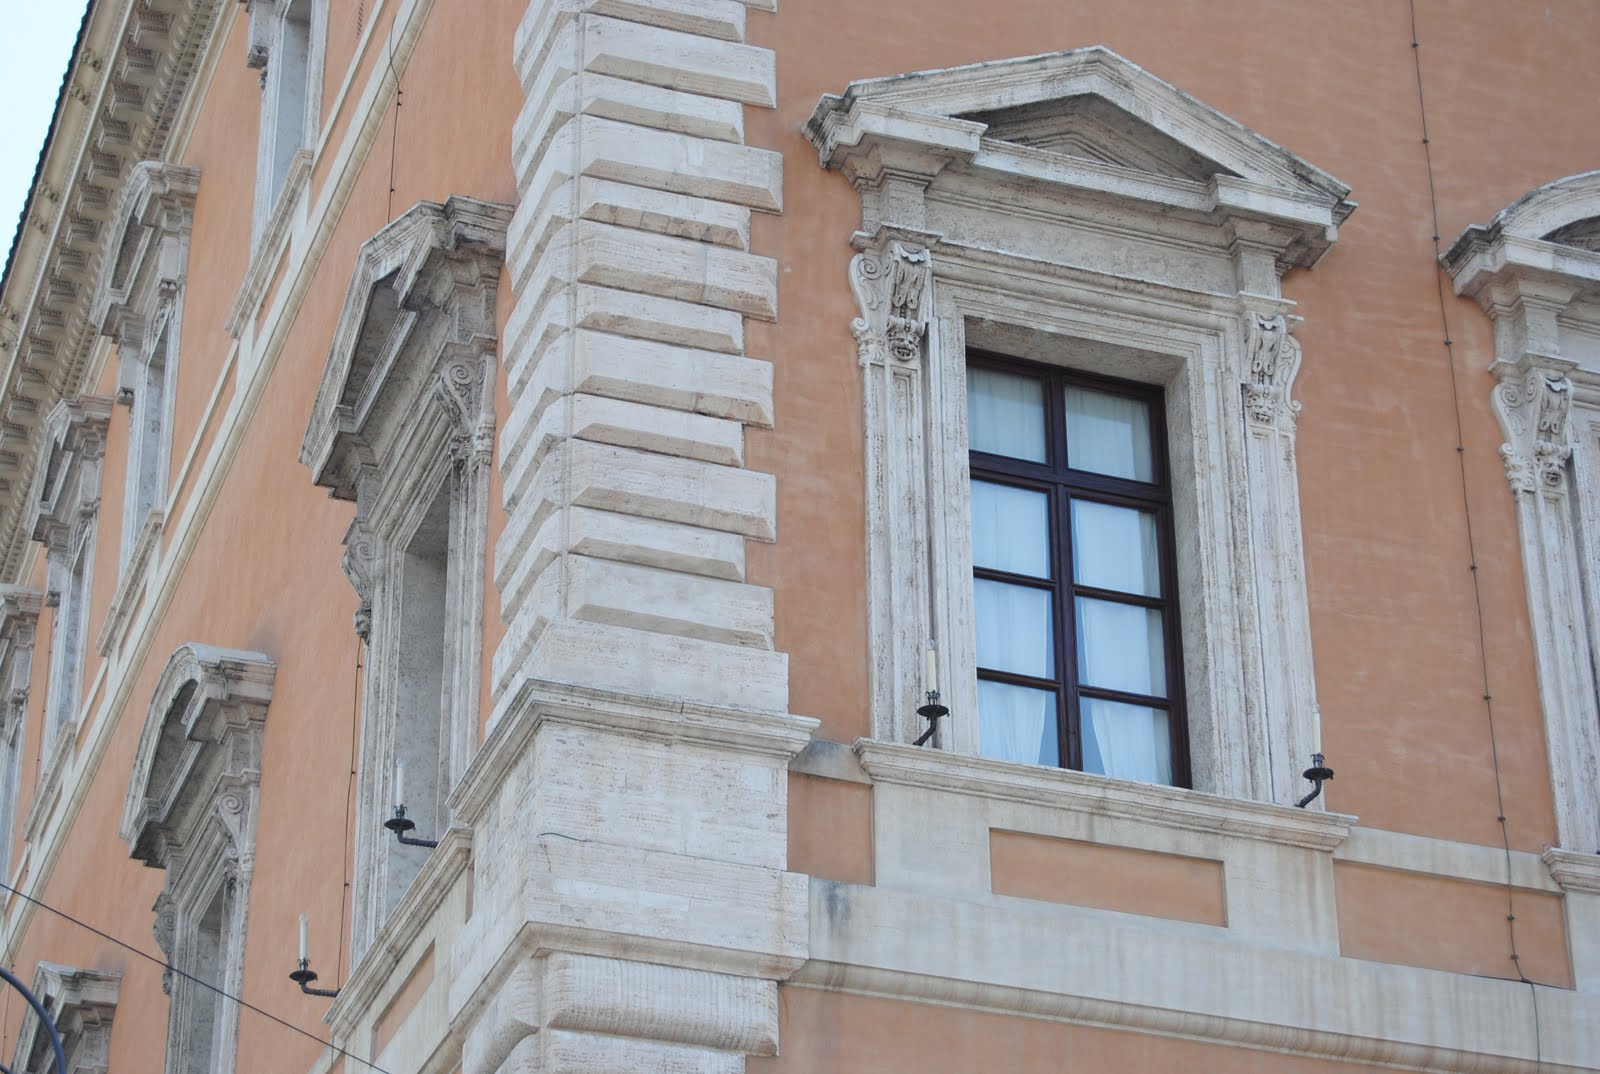 orbis catholicus secundus june 2011